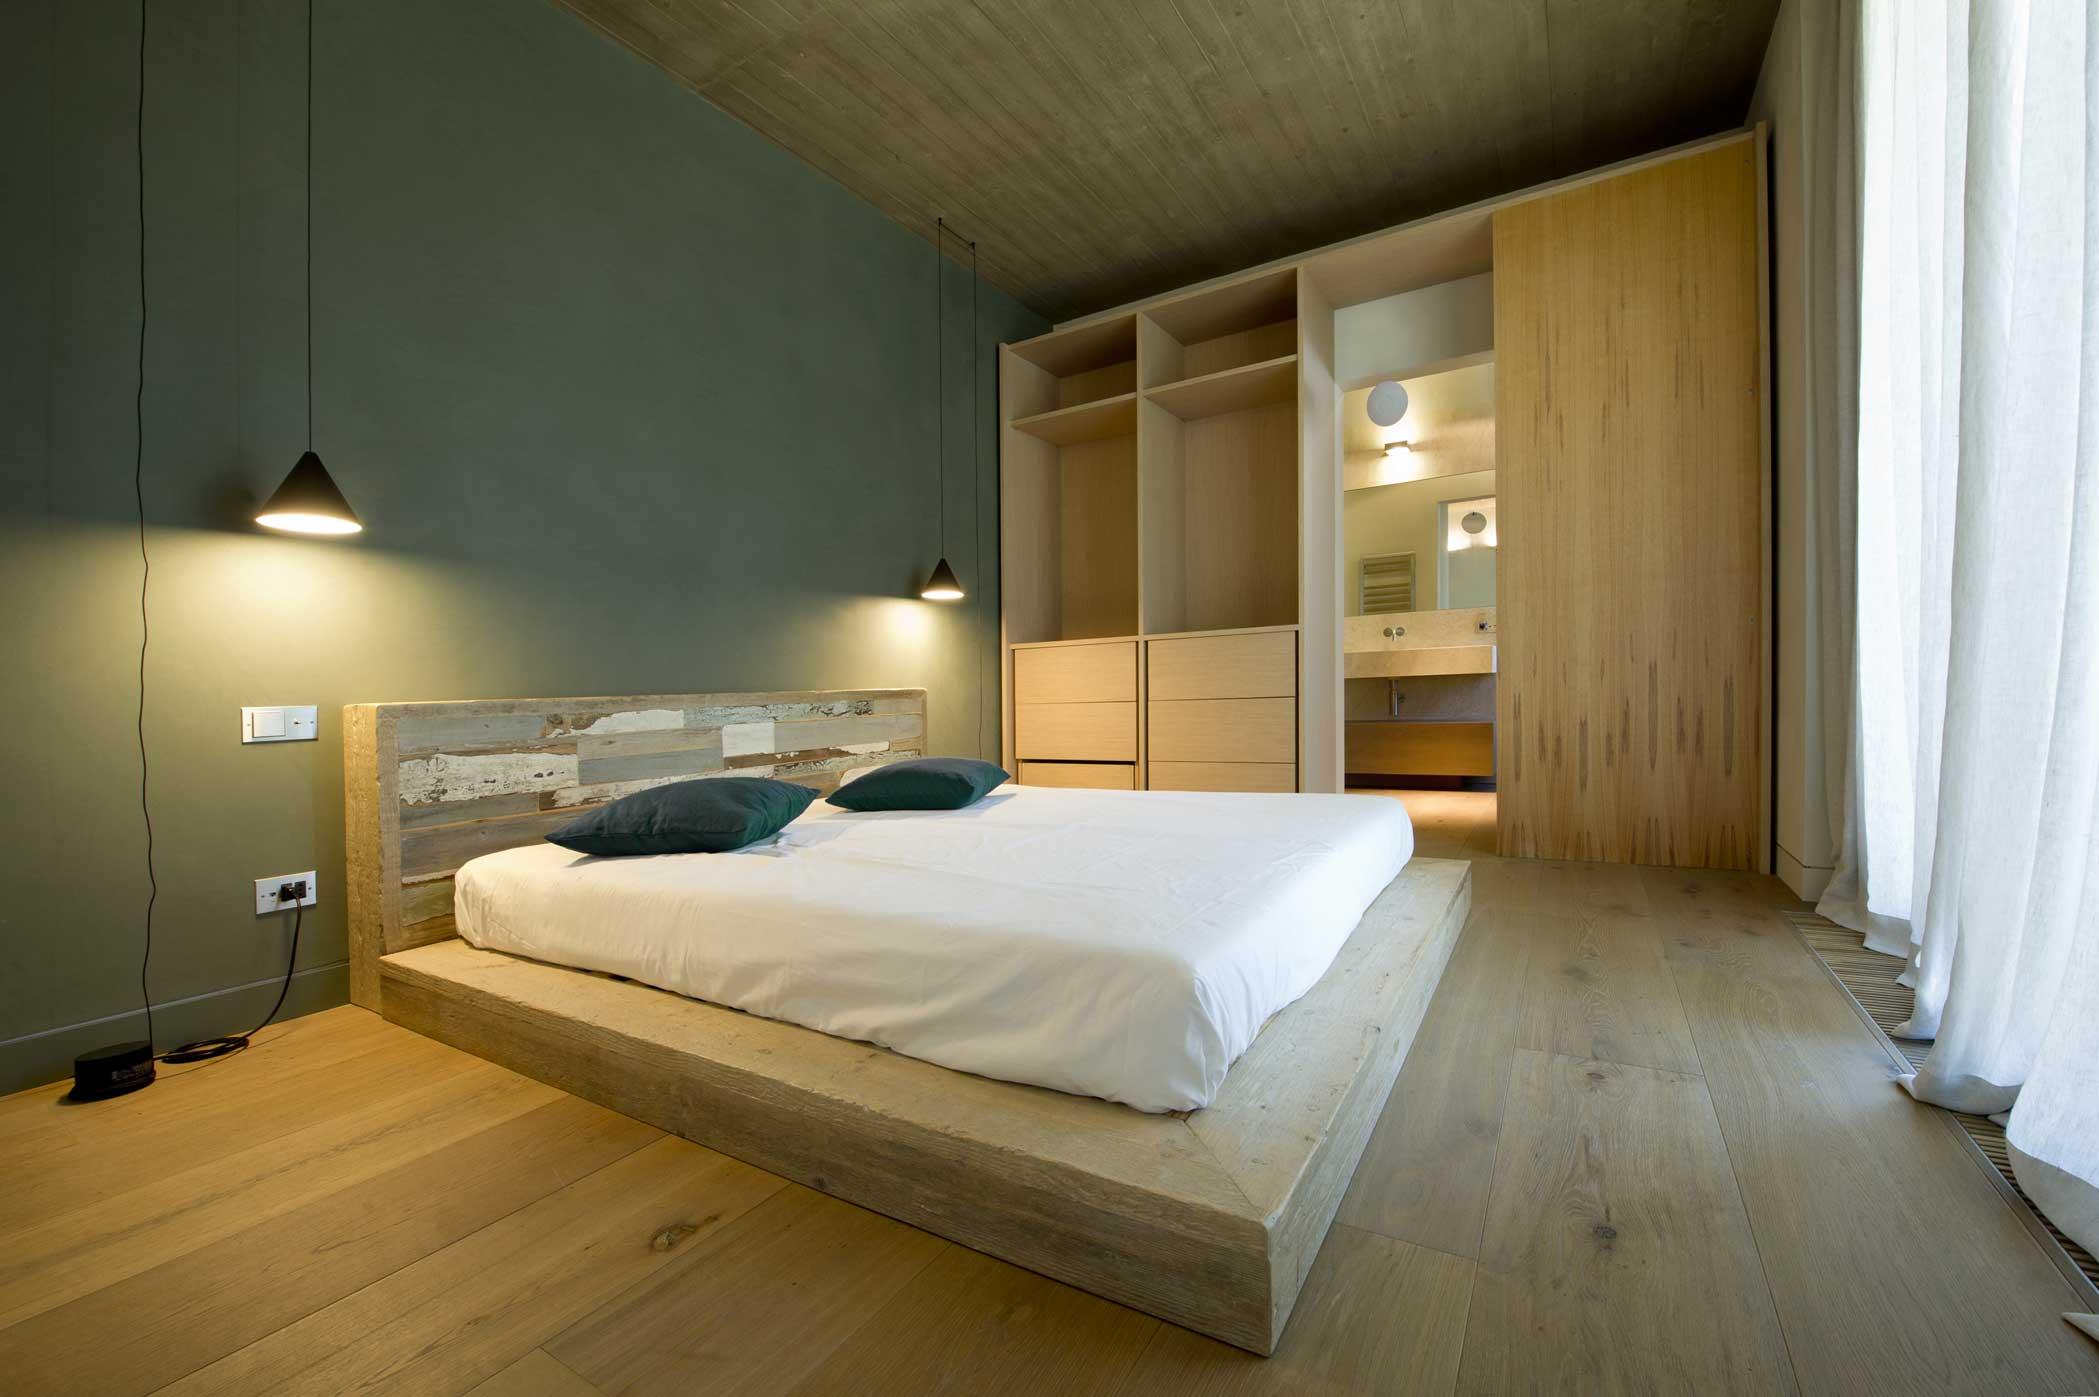 Strutture Letto In Legno Massello : Limitless base splendido nuovo stile country in legno massello